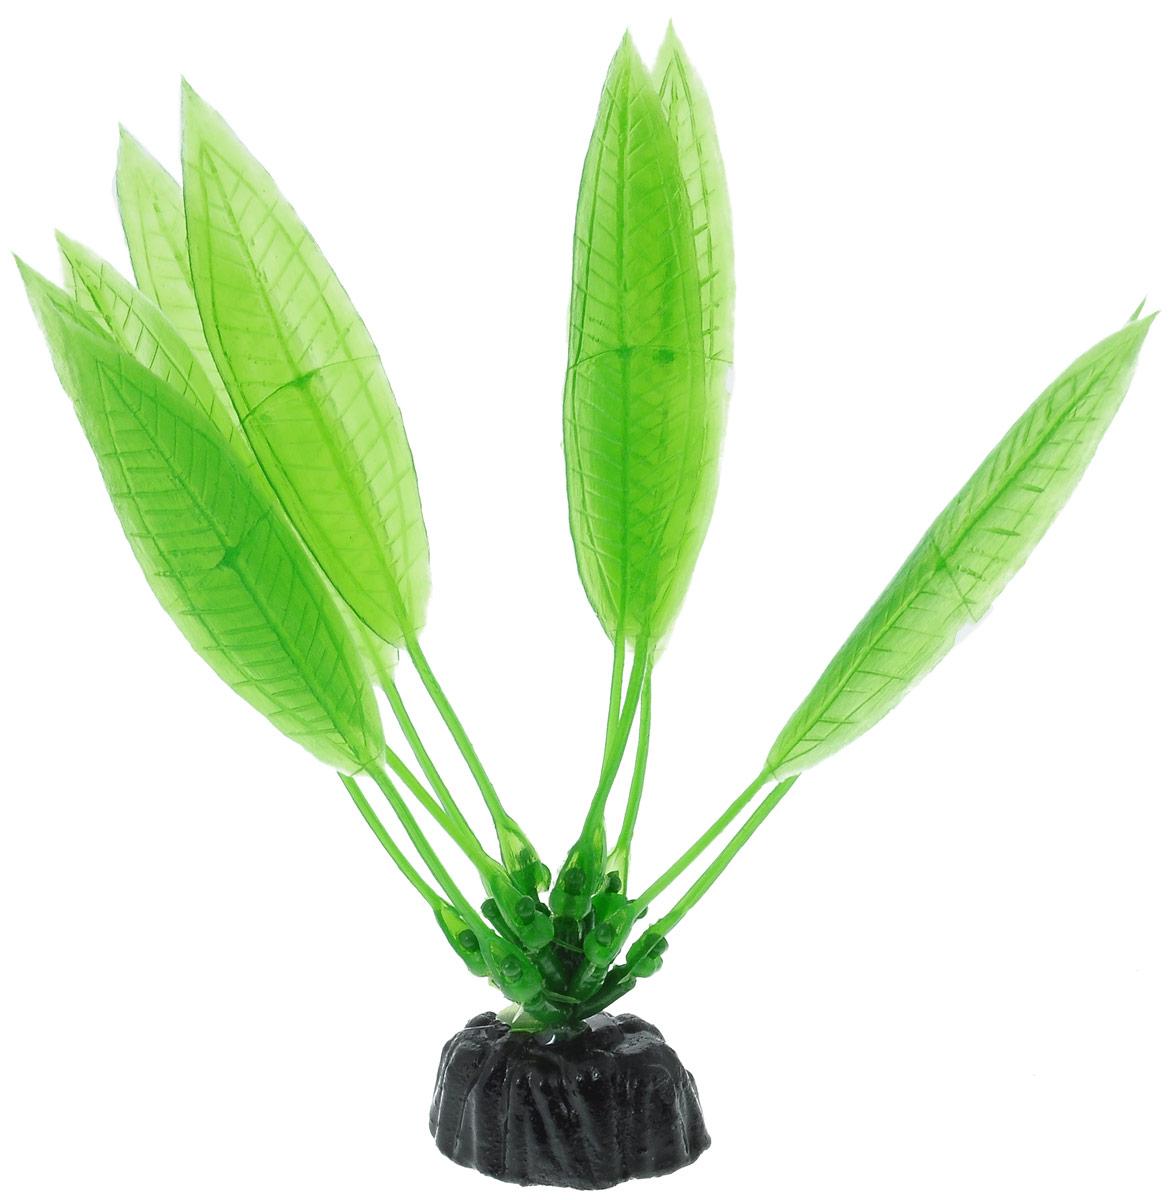 Растение для аквариума Barbus Эхинодорус амазонский, пластиковое, высота 10 см0120710Растение для аквариума Barbus Эхинодорус амазонский, выполненное из качественного пластика, станет оригинальным украшением вашего аквариума. Пластиковое растение идеально подходит для дизайна всех видов аквариумов. Оно абсолютно безопасно, не токсично, нейтрально к водному балансу, устойчиво к истиранию краски, подходит как для пресноводного, так и для морского аквариума. Растение для аквариума Barbus поможет вам смоделировать потрясающий пейзаж на дне вашего аквариума или террариума. Высота растения: 10 см.